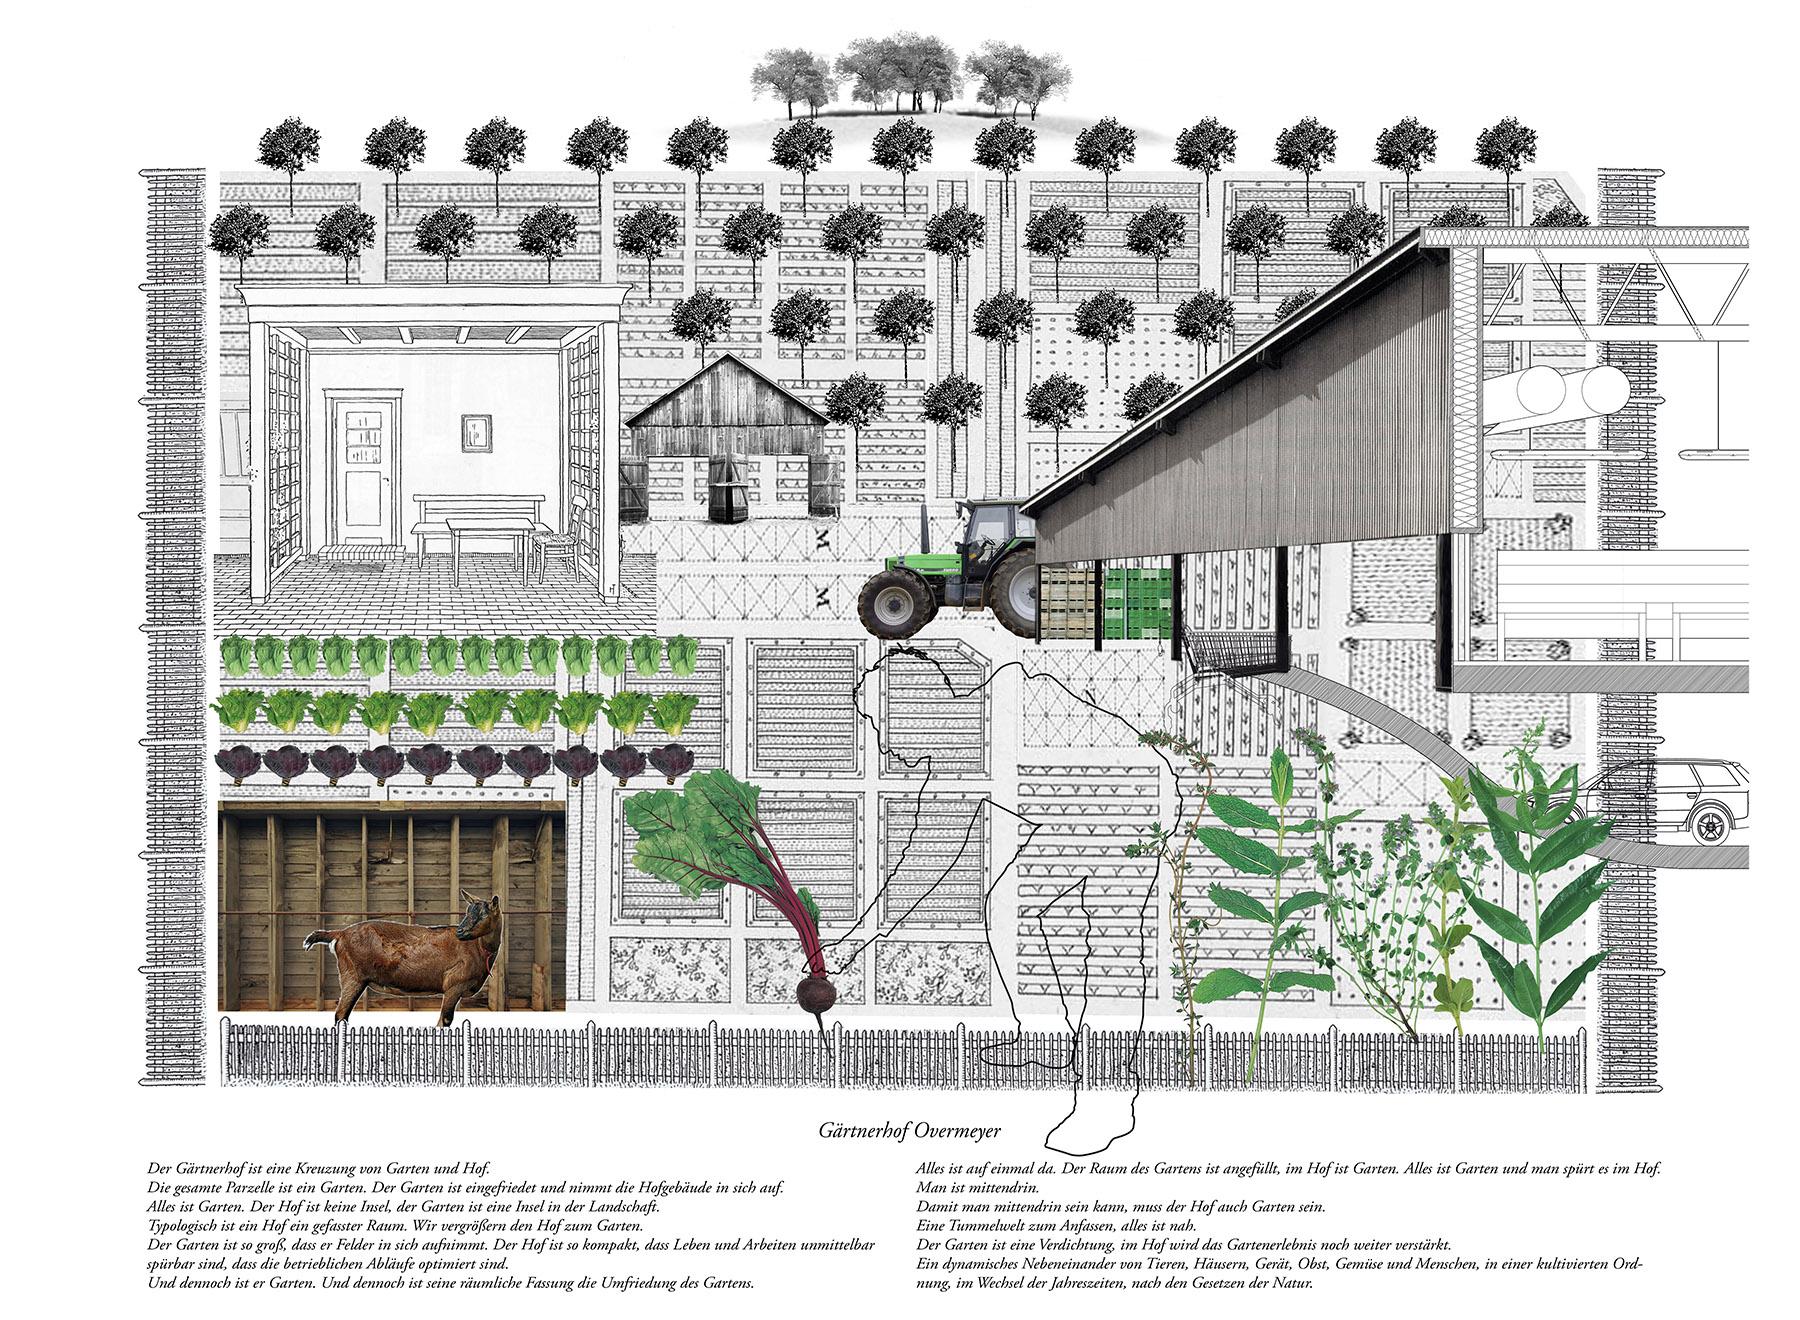 hybrid garden, farmyard space